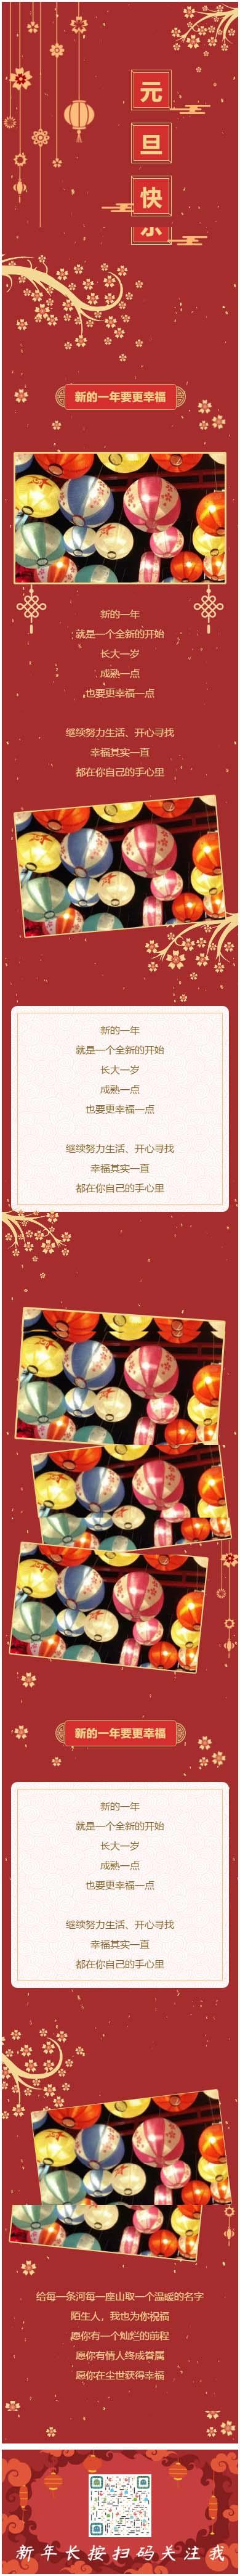 2021元旦新年红色中国风灯笼微信公众号推文模板推送图文素材